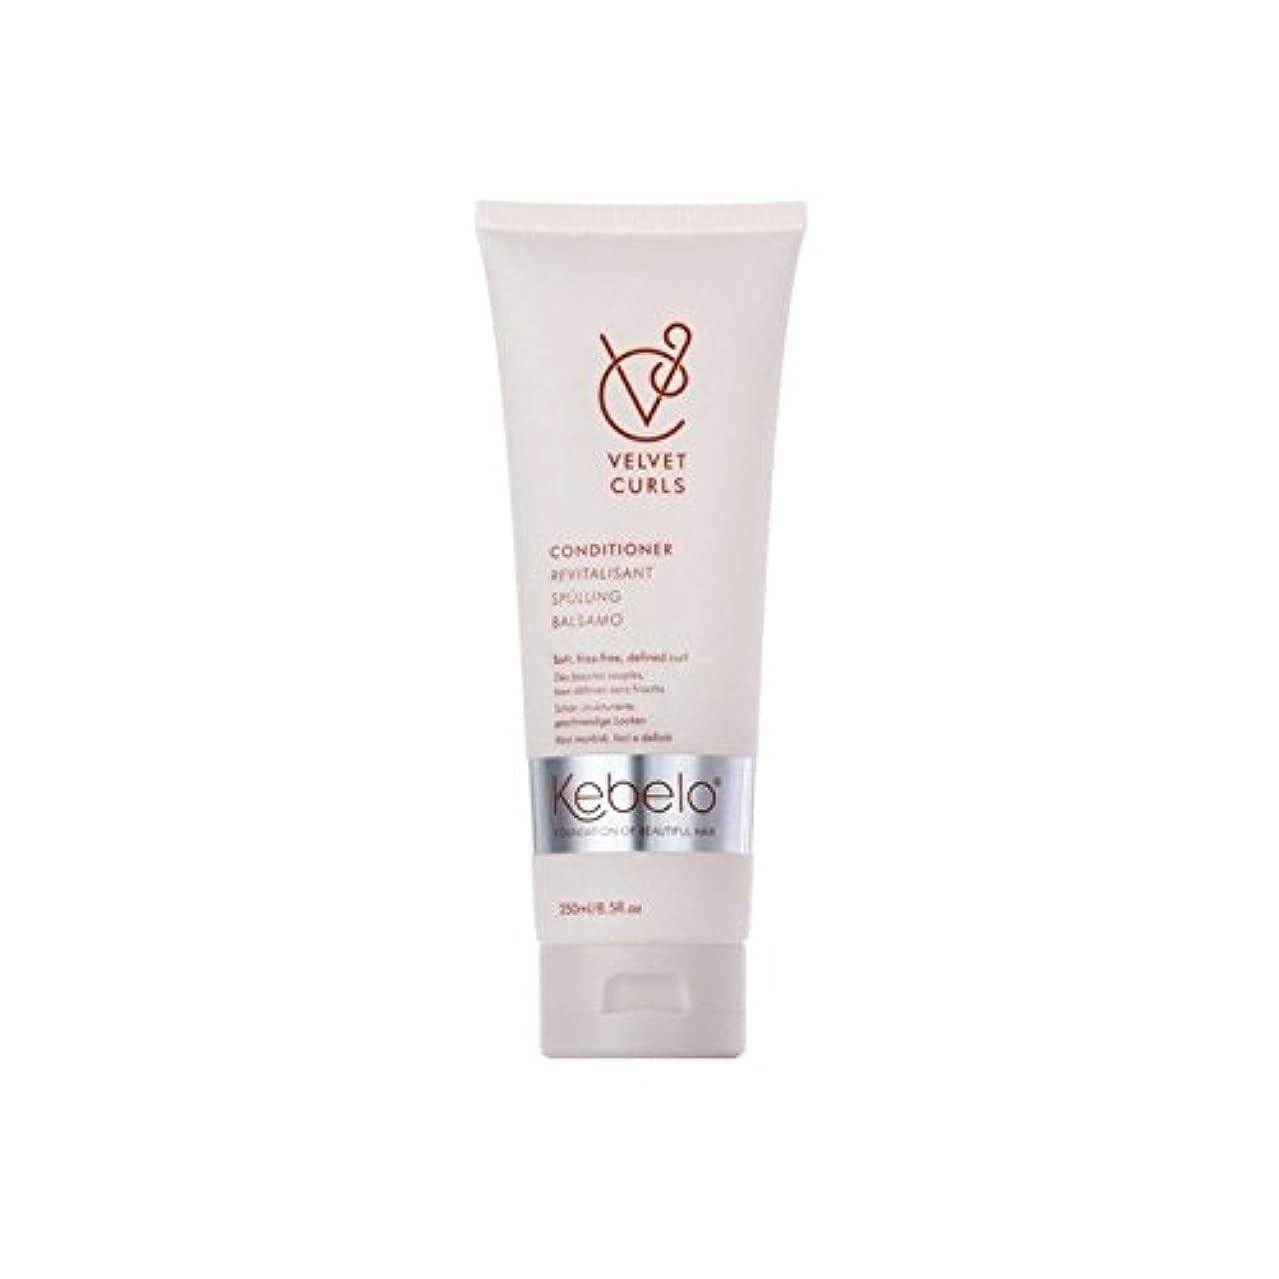 治す若さ資金Kebelo Velvet Curls Conditioner (250ml) - ベルベットのカールコンディショナー(250ミリリットル) [並行輸入品]